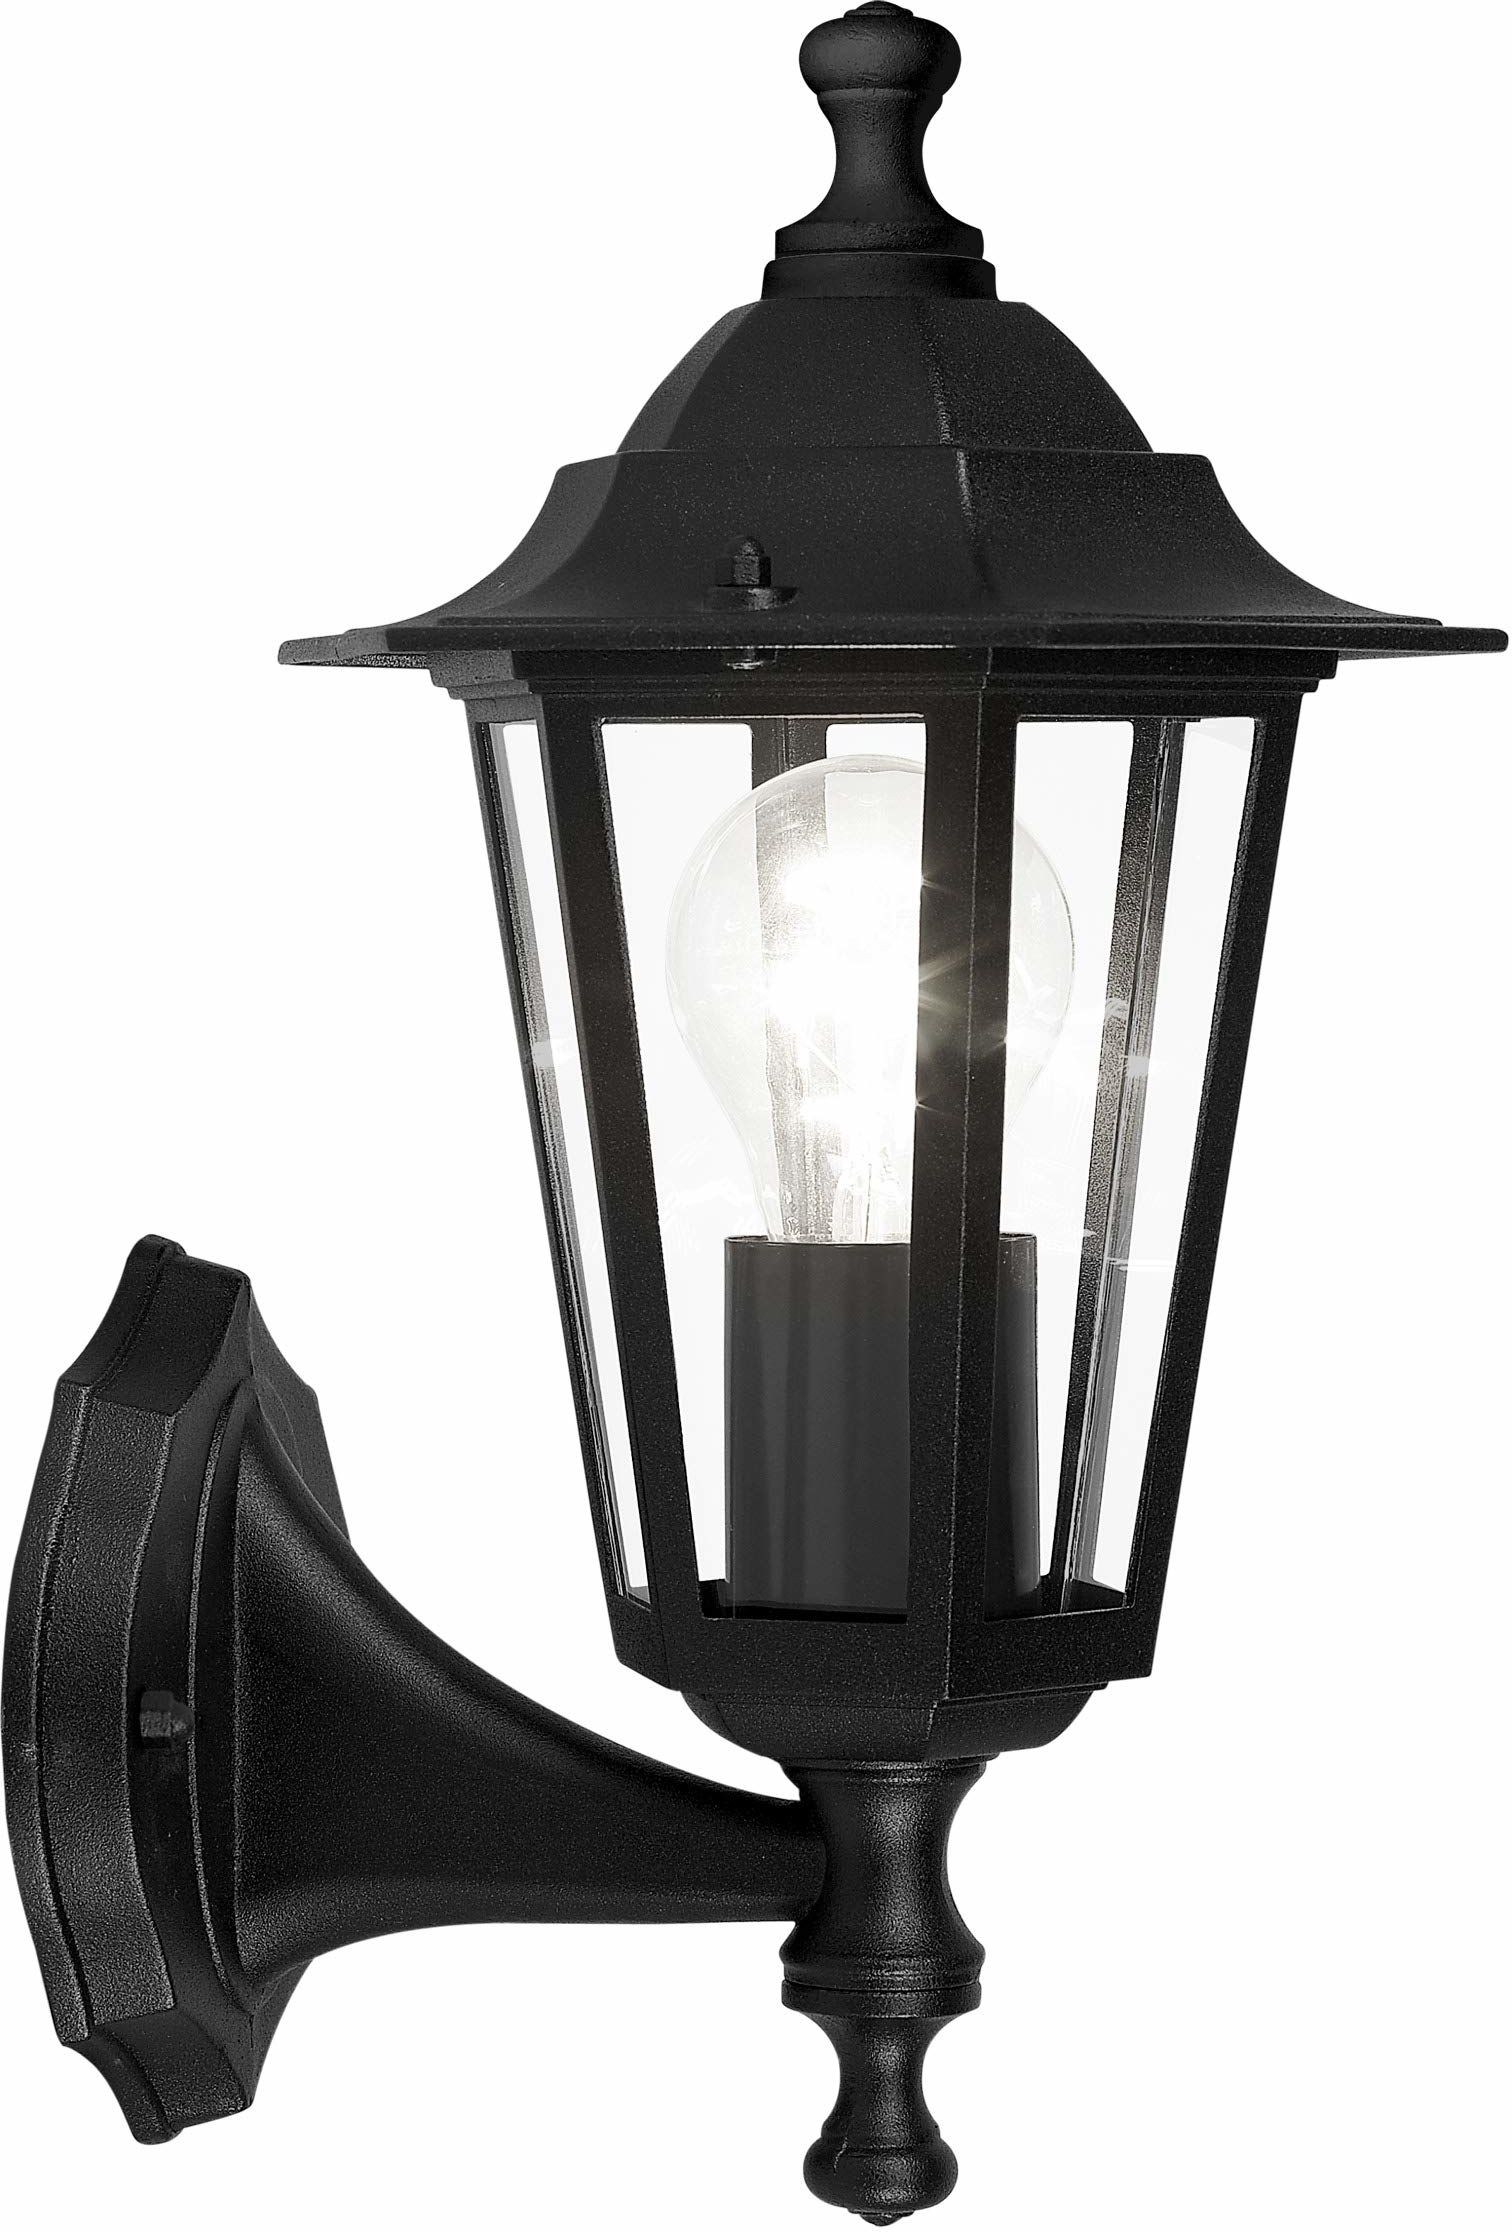 EGLO Zewnętrzna lampa ścienna Latarna 4, 1-punktowa lampa zewnętrzna, lampa ścienna z odlewu aluminium i szkła, kolor: czarny, oprawka: E27, IP44